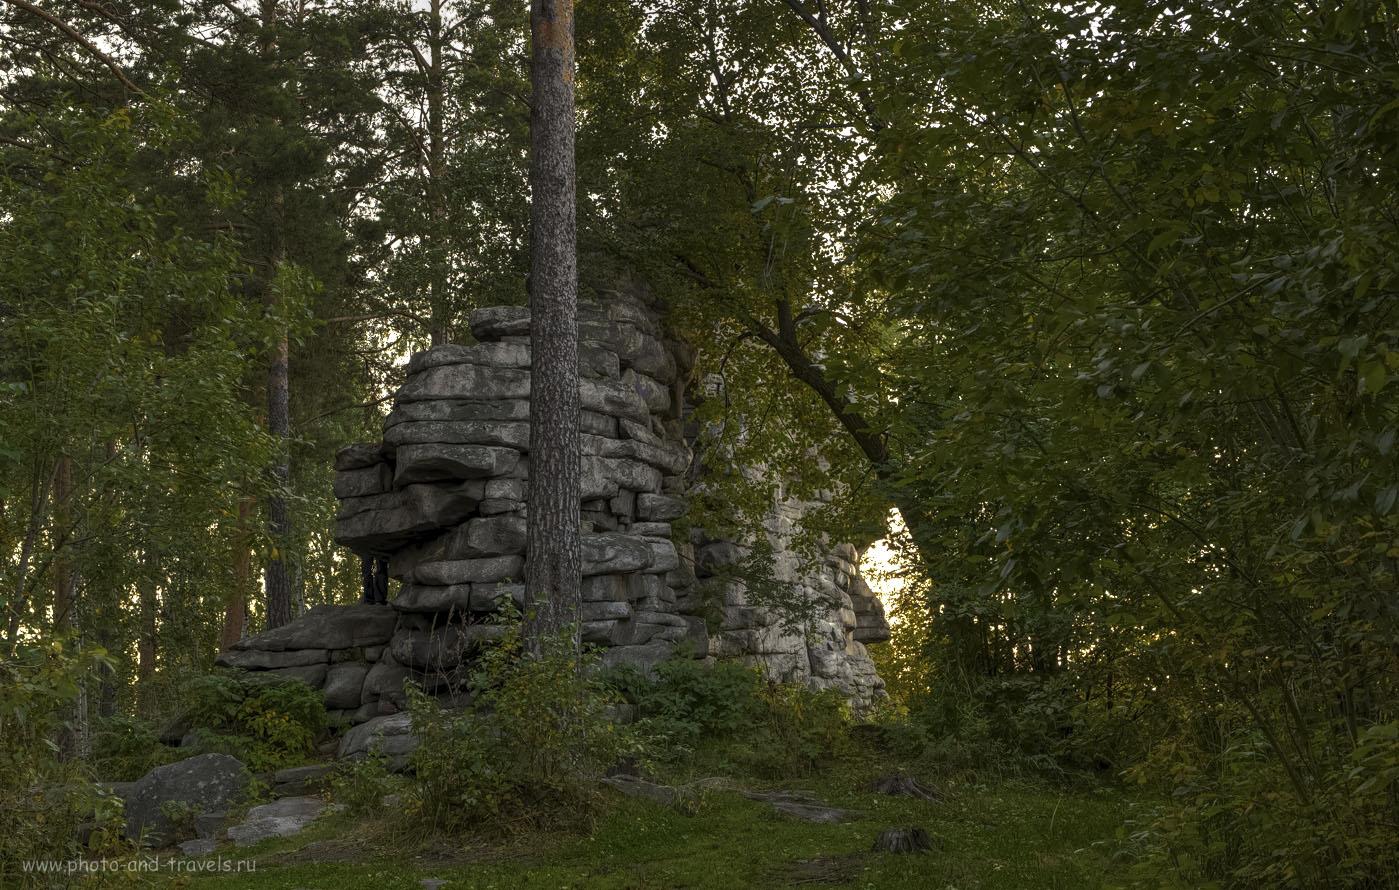 2. Пешие походы в Свердловской области. Скалы Петра Гронского не видны с того места, где вы заберетесь на хребет. Нужно чуть-чуть пройти вправо.